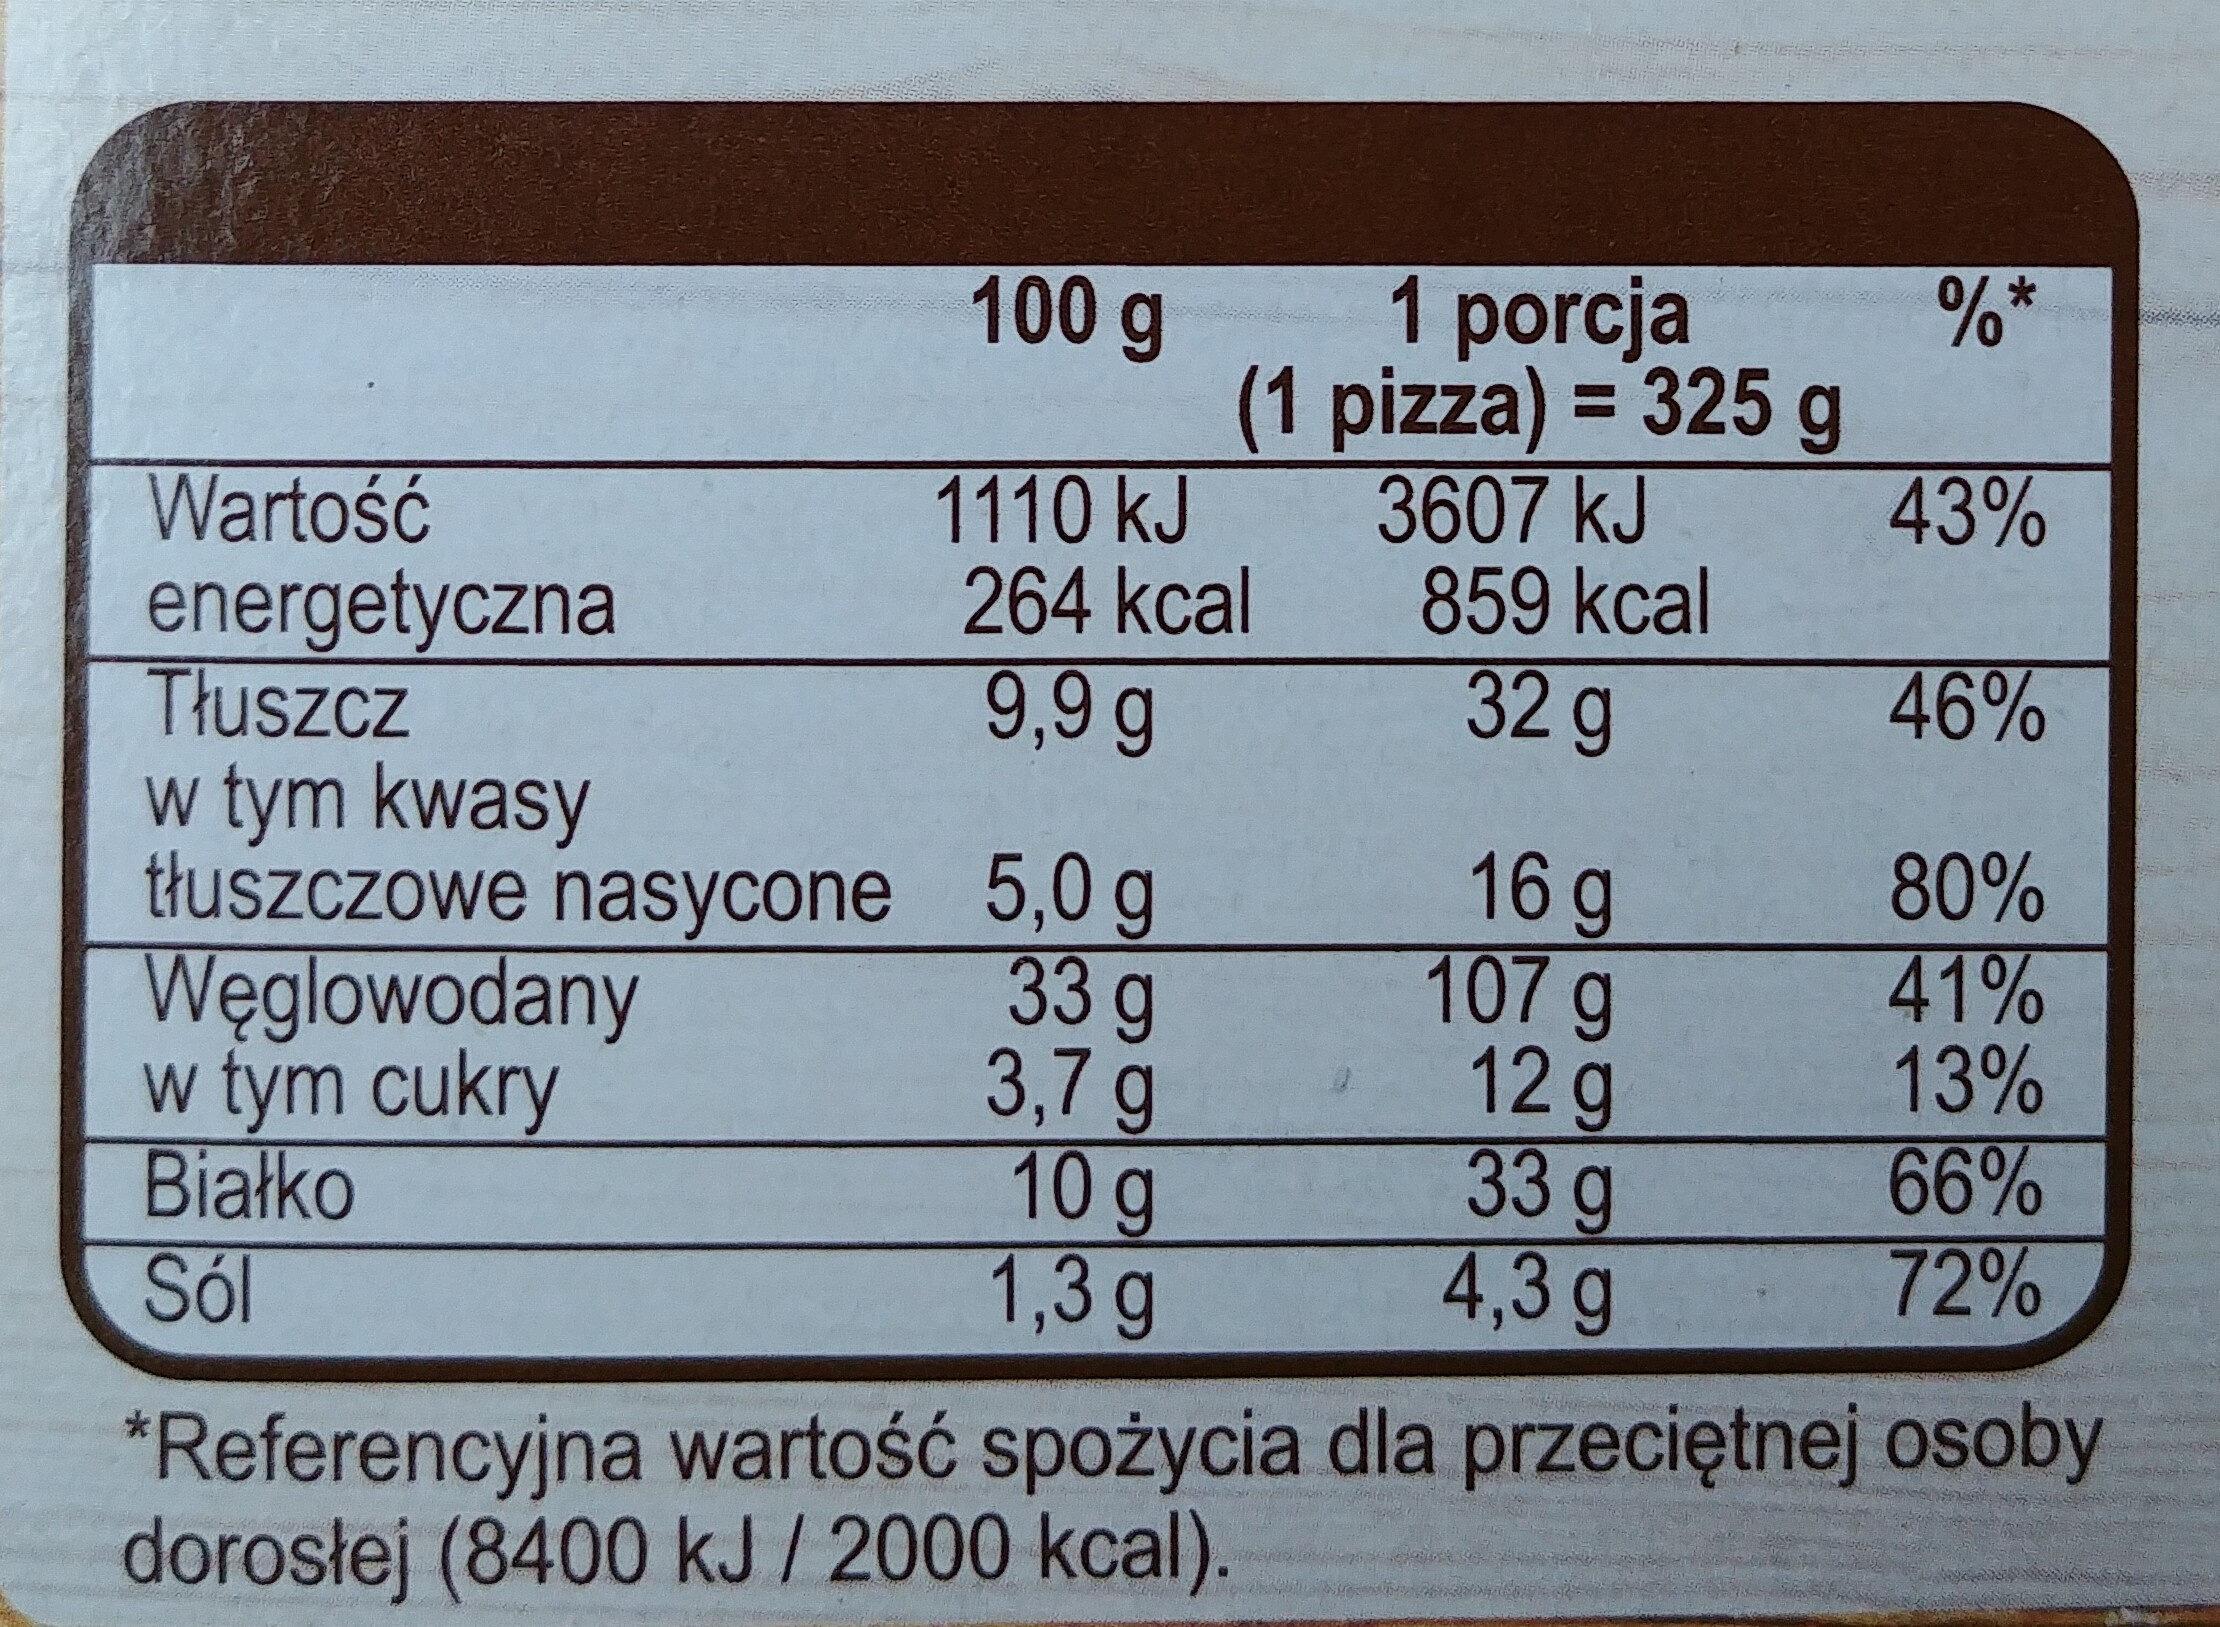 Pizza 4 sery, głęboko mrożona. - Wartości odżywcze